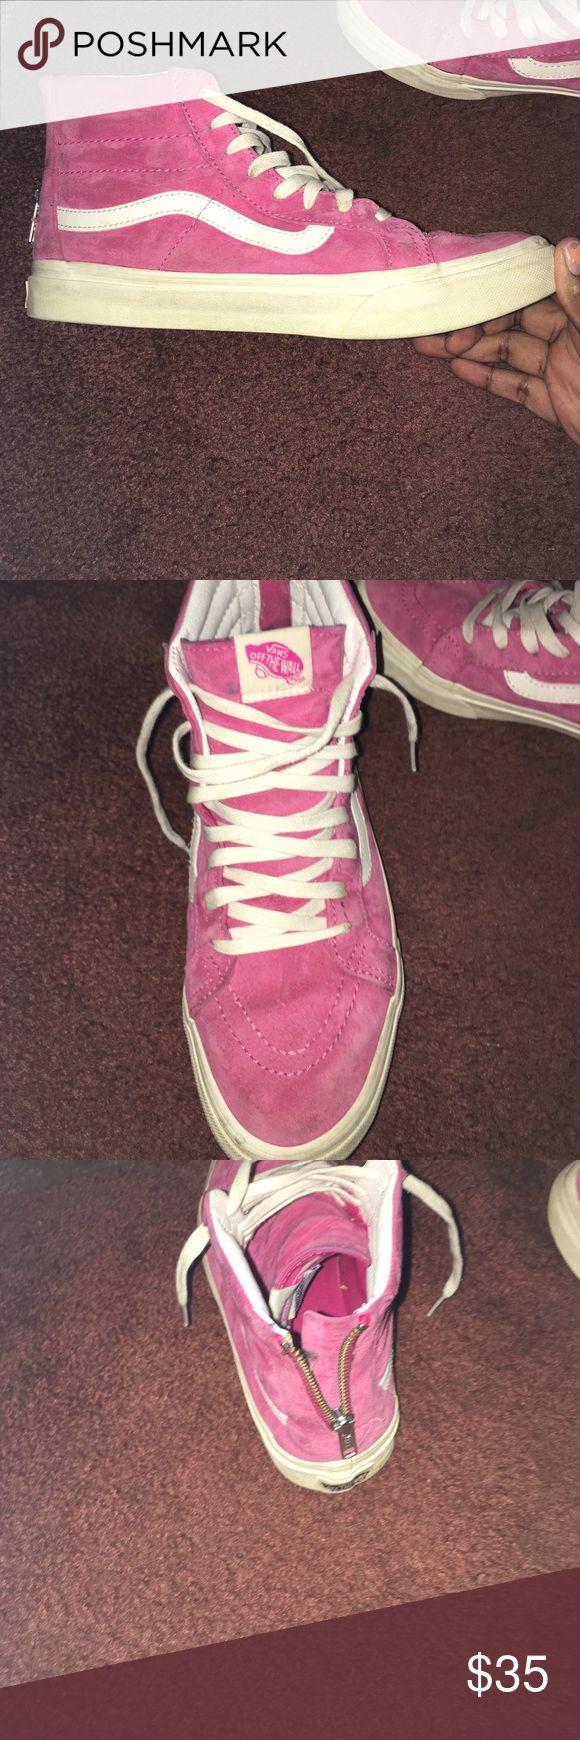 Roller shoes vans - Suede Pink High Top Vans